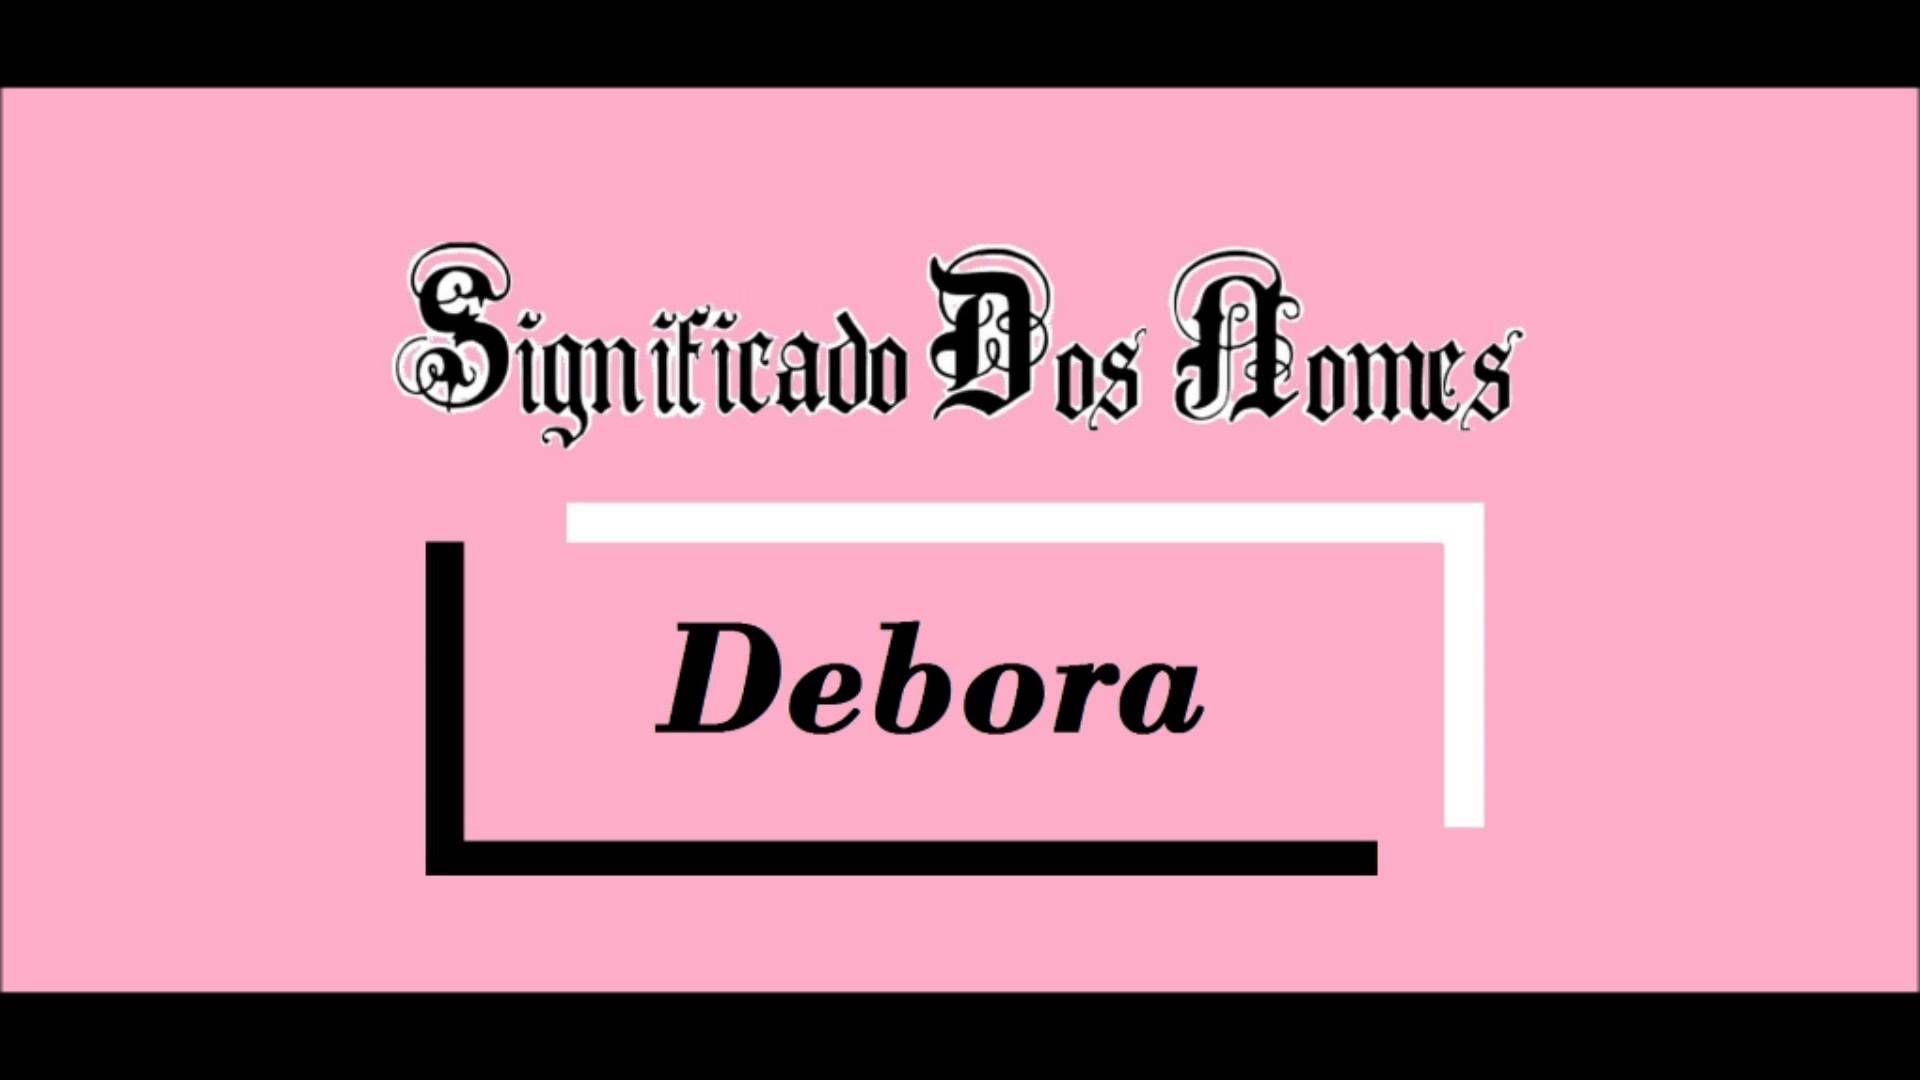 Significado dos Nomes #Debora